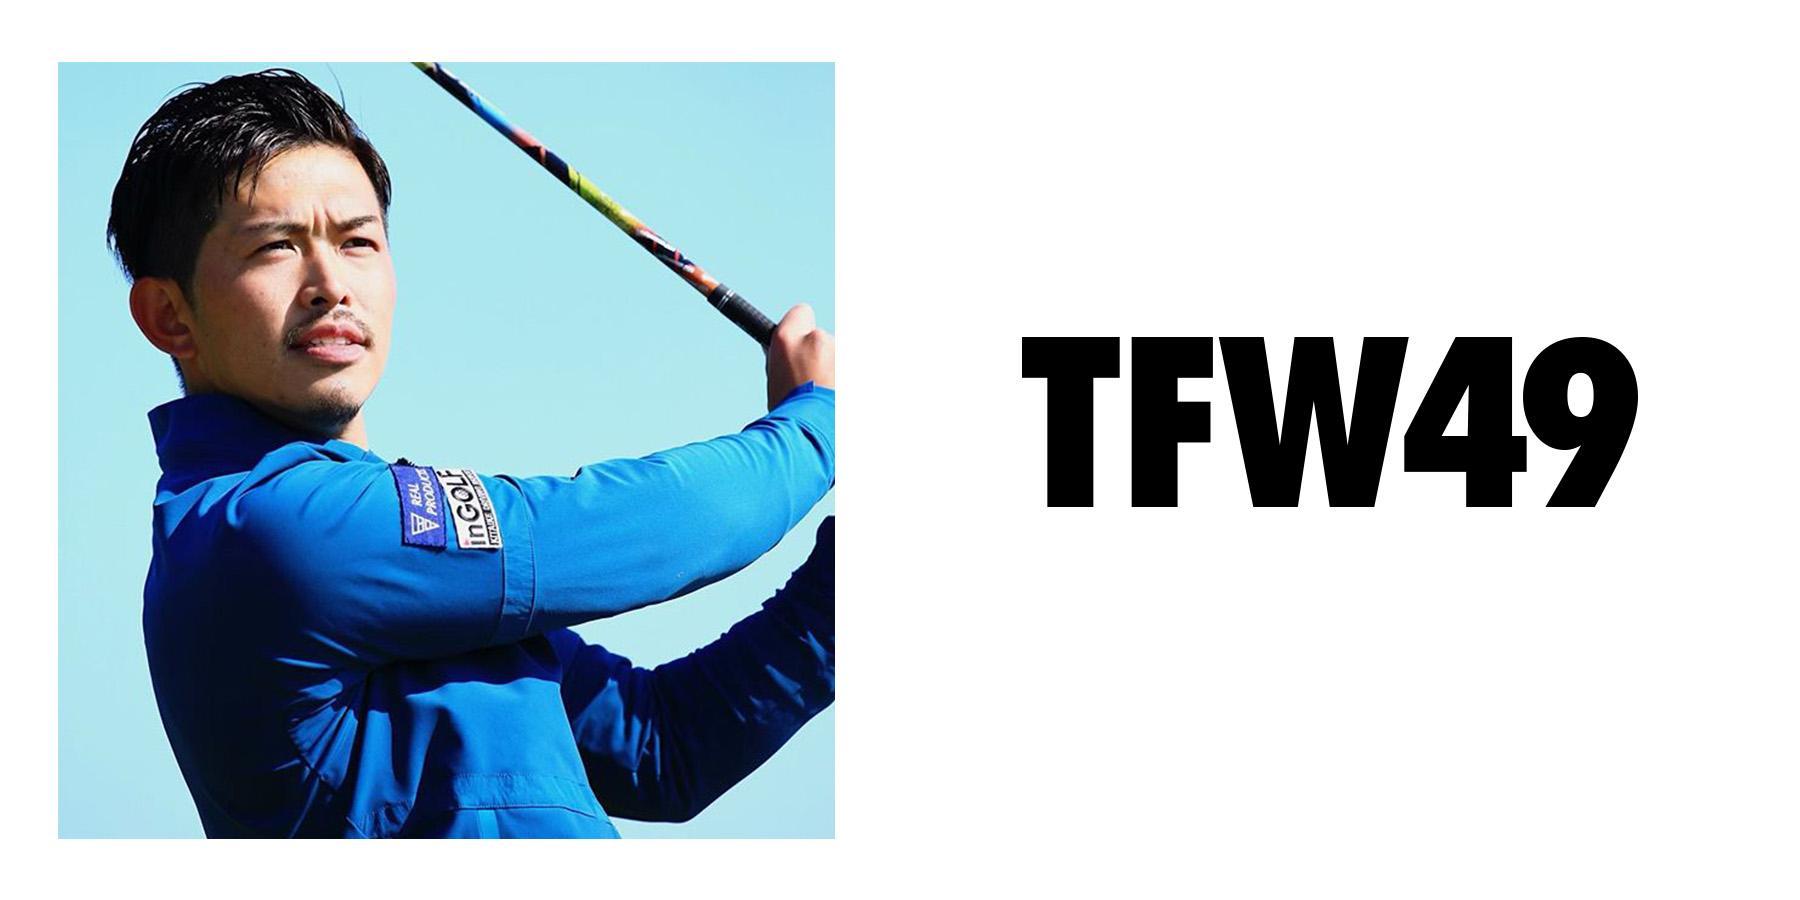 大西翔太ツアープロコーチにTFW49をご紹介いただいております